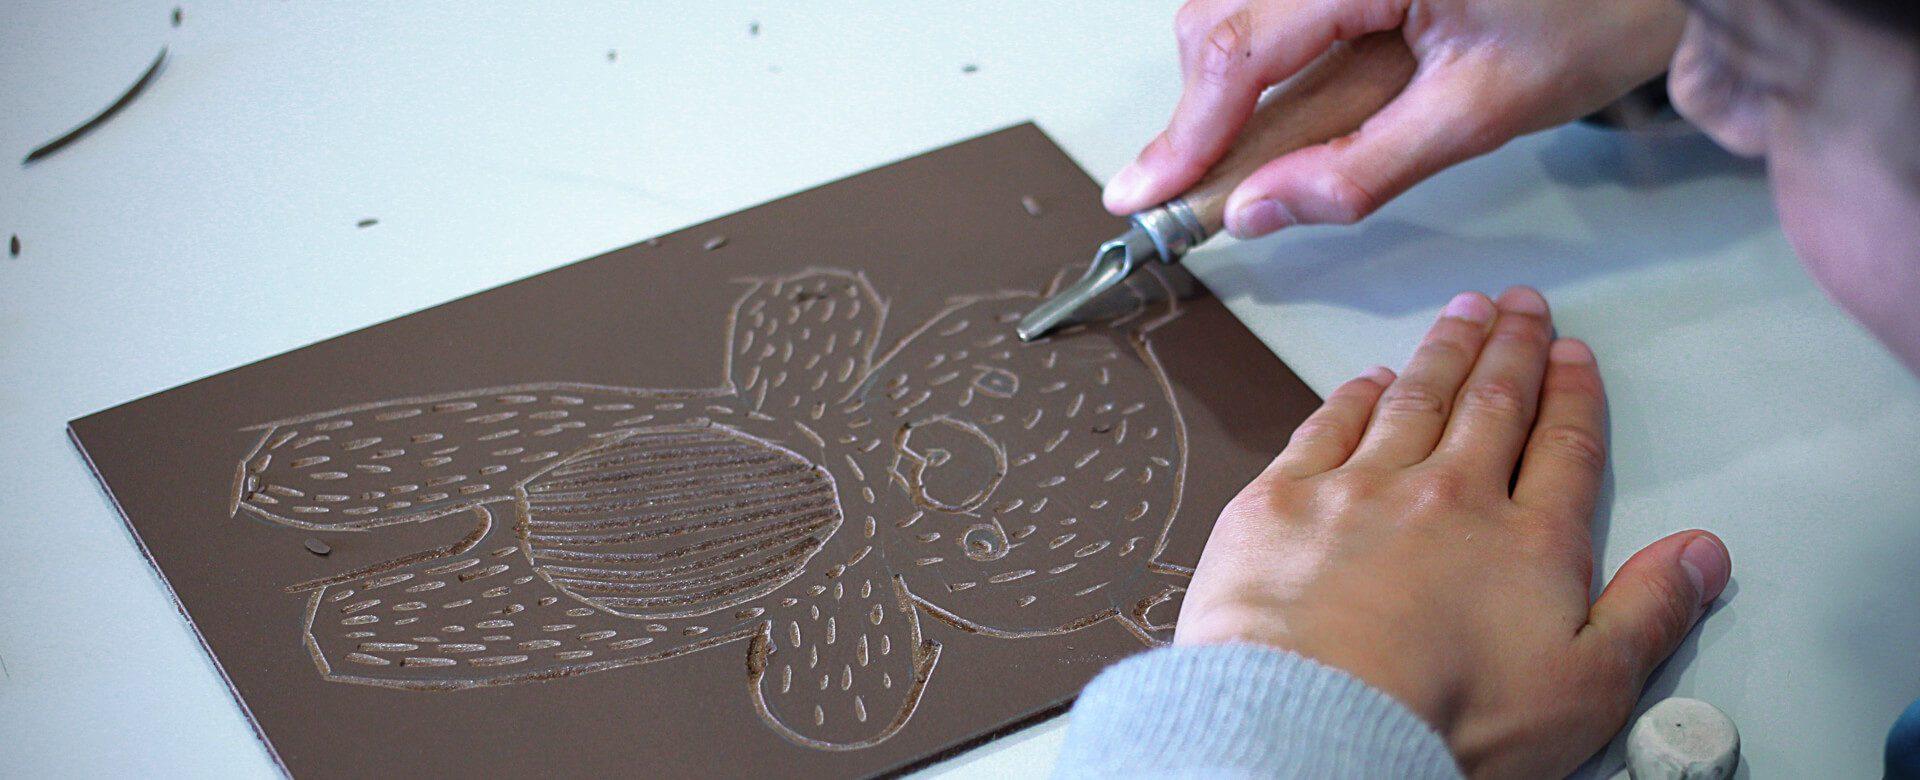 linocutfactory atelier mobile de linogravure et illustration tout public ado enfant sur toute la France, animation d'atelier créatifs